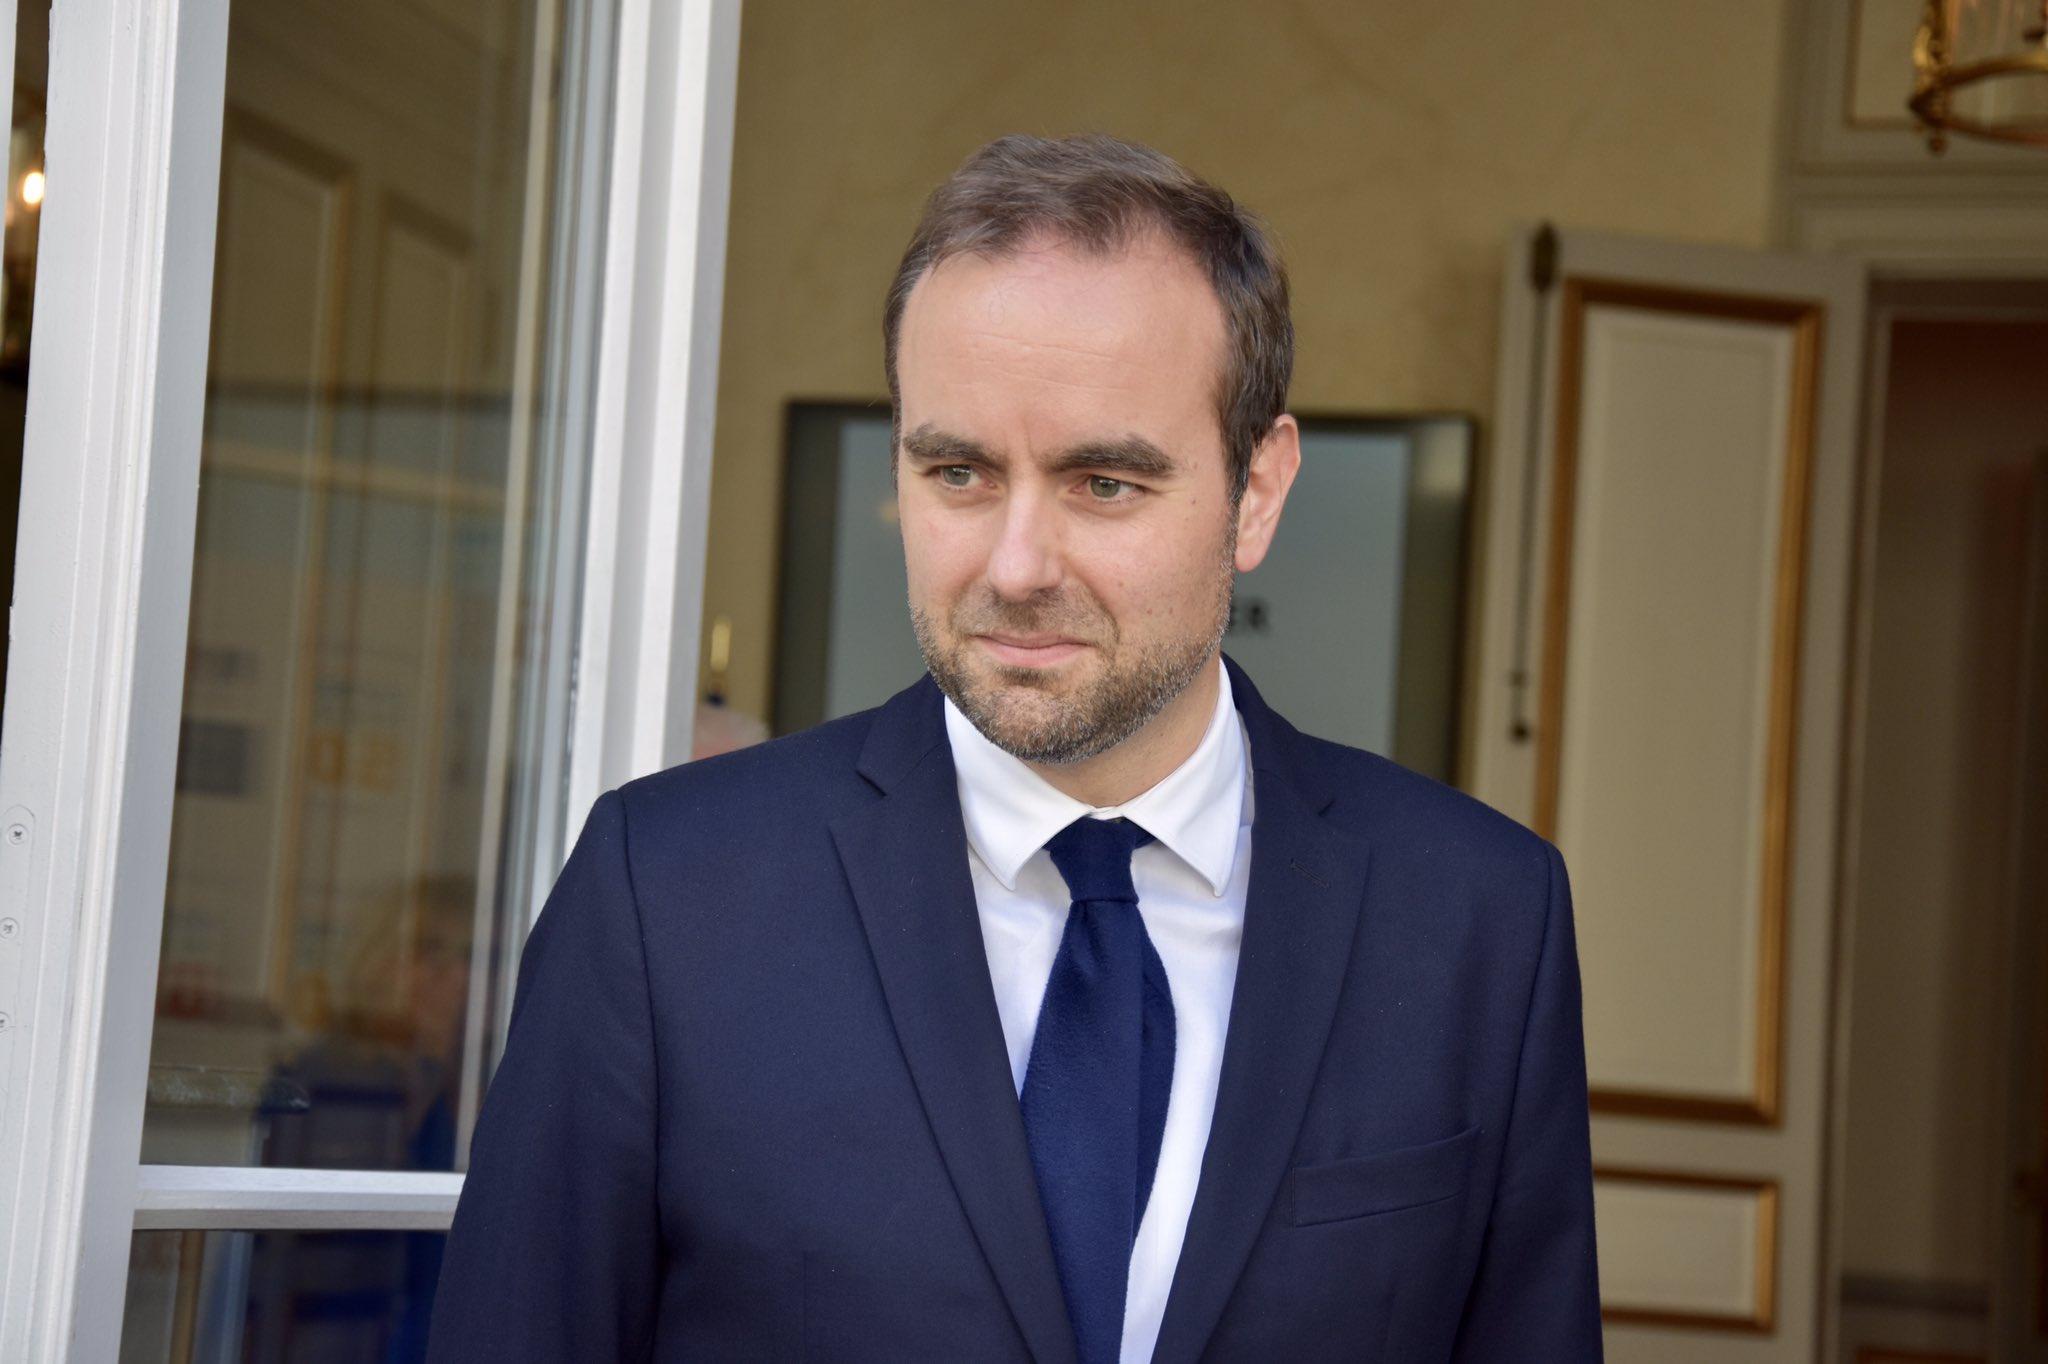 Sébastien Lecornu en Nouvelle-Calédonie : Une visite attendue par les partenaires calédoniens